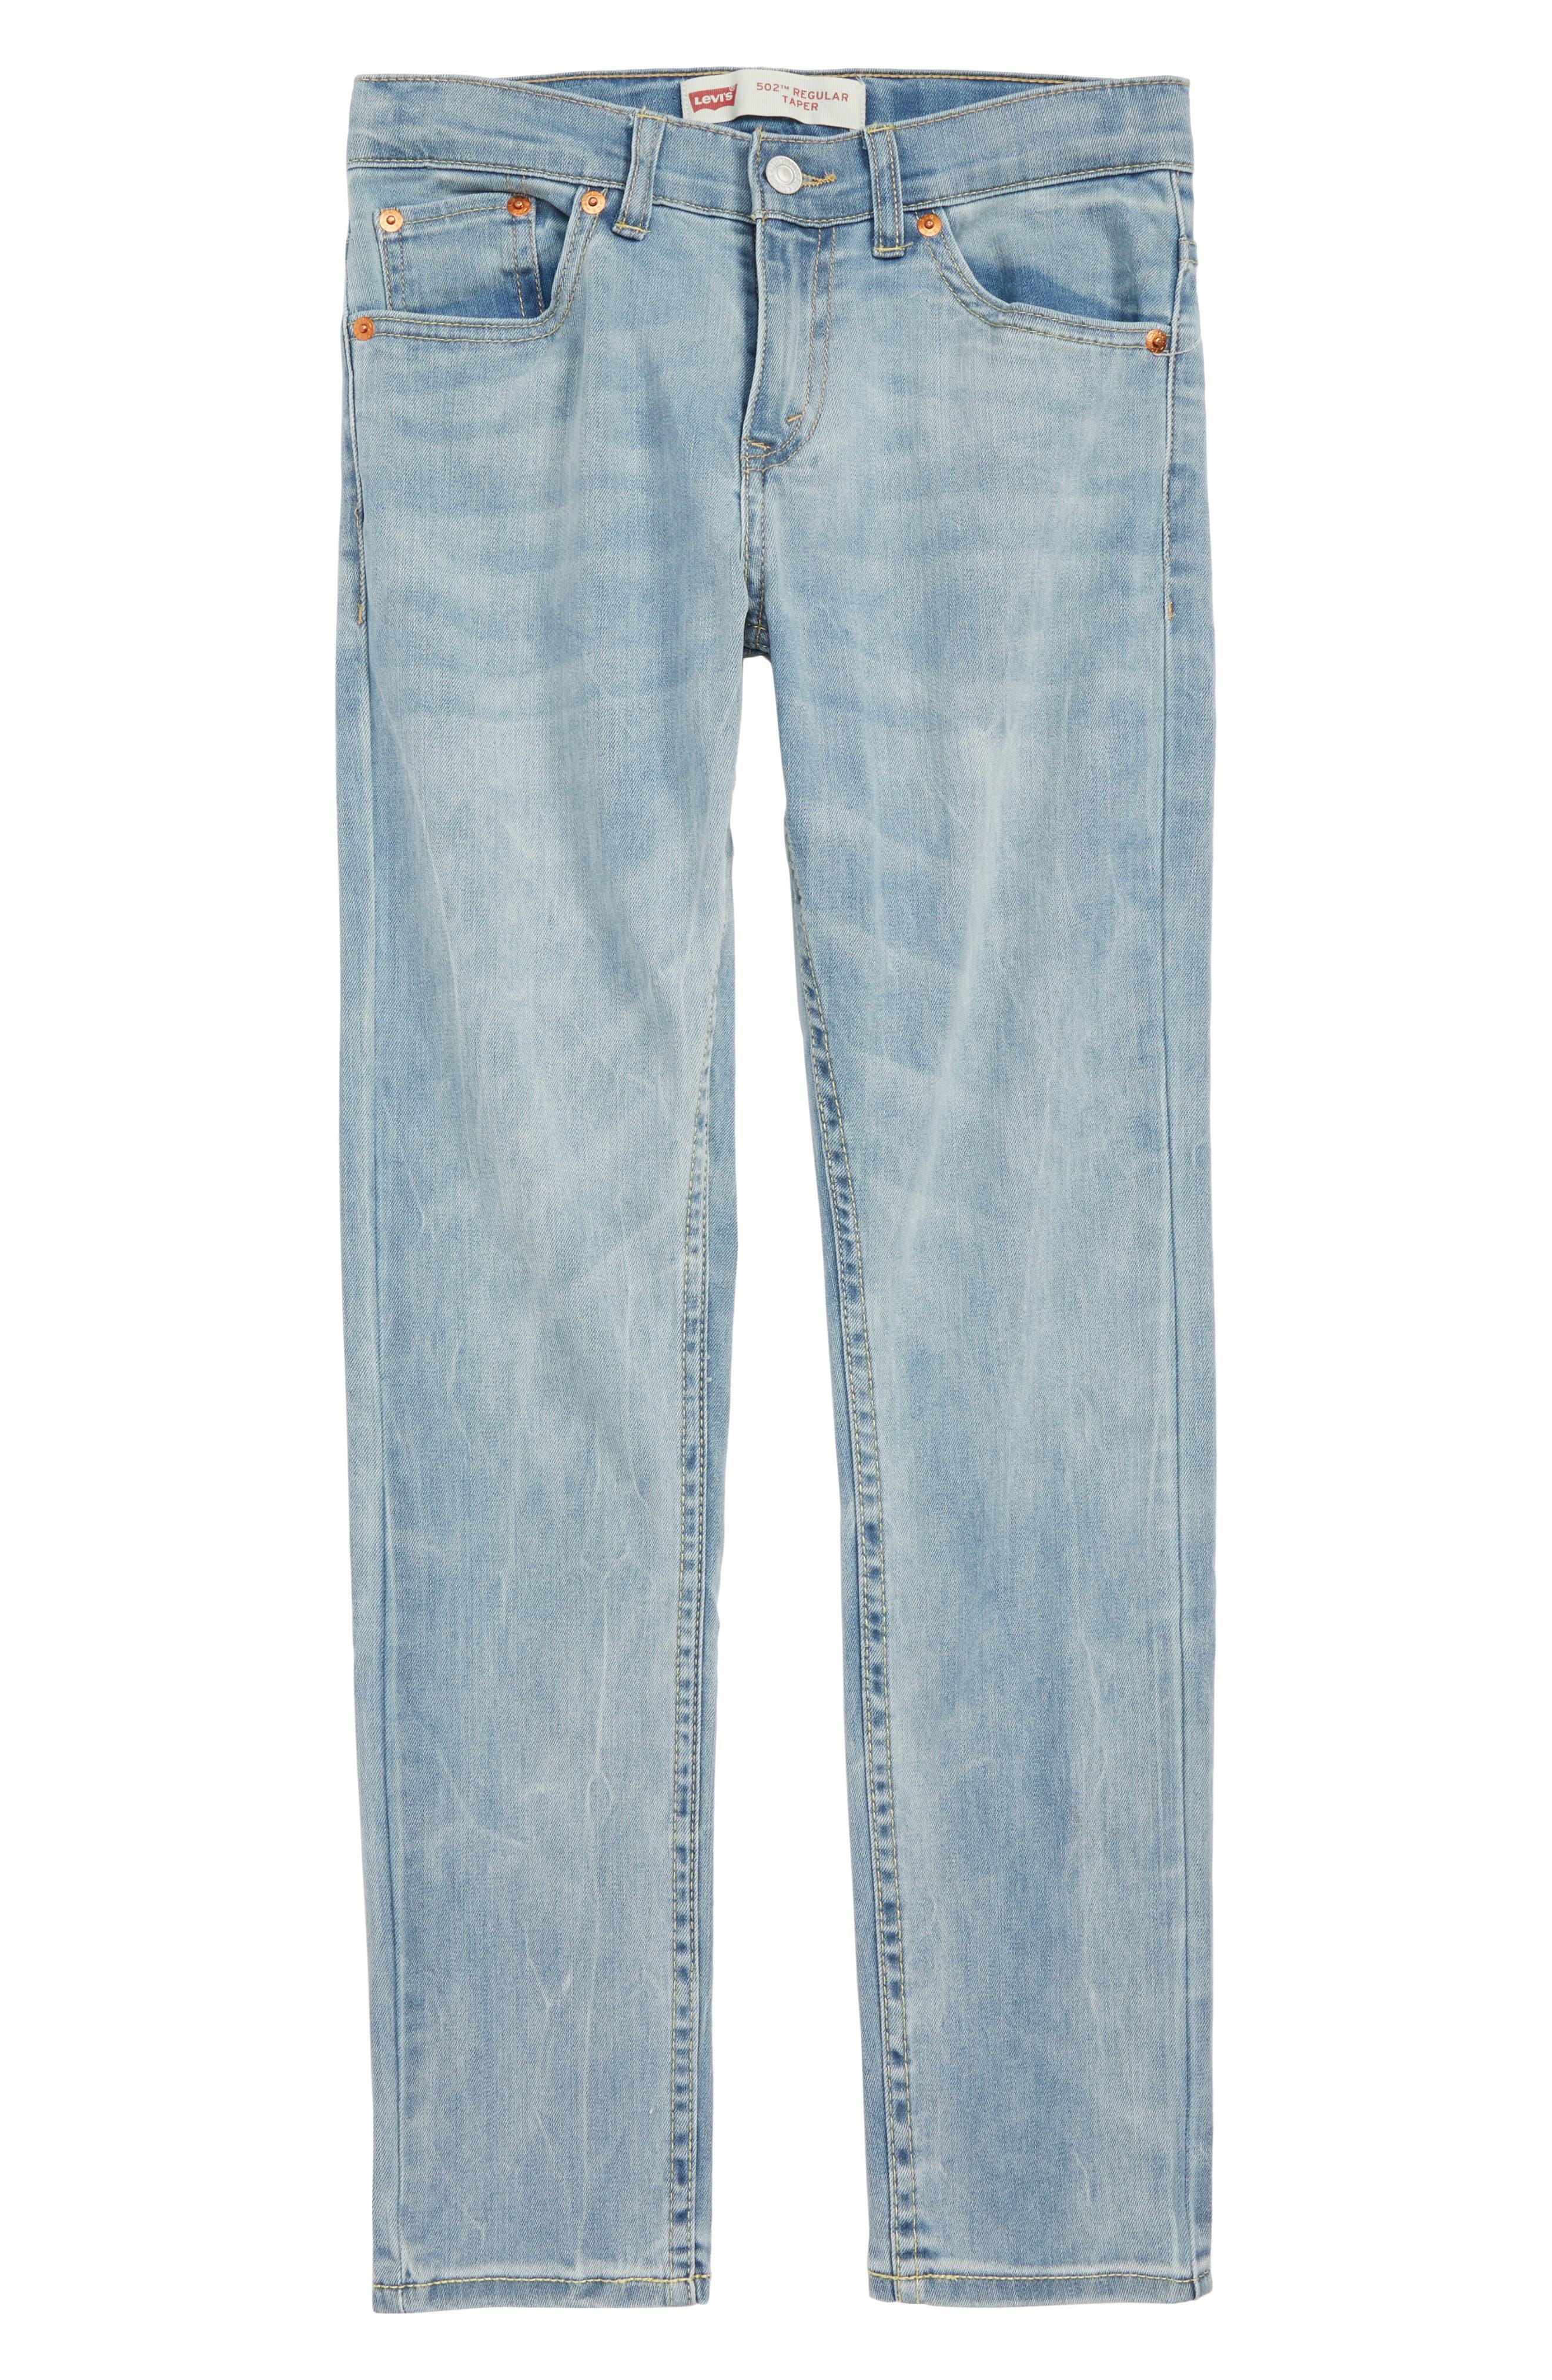 Levi's<sup>®</sup> 502<sup>™</sup> Regular Taper Jeans,                         Main,                         color, YOSEMITE FALLS